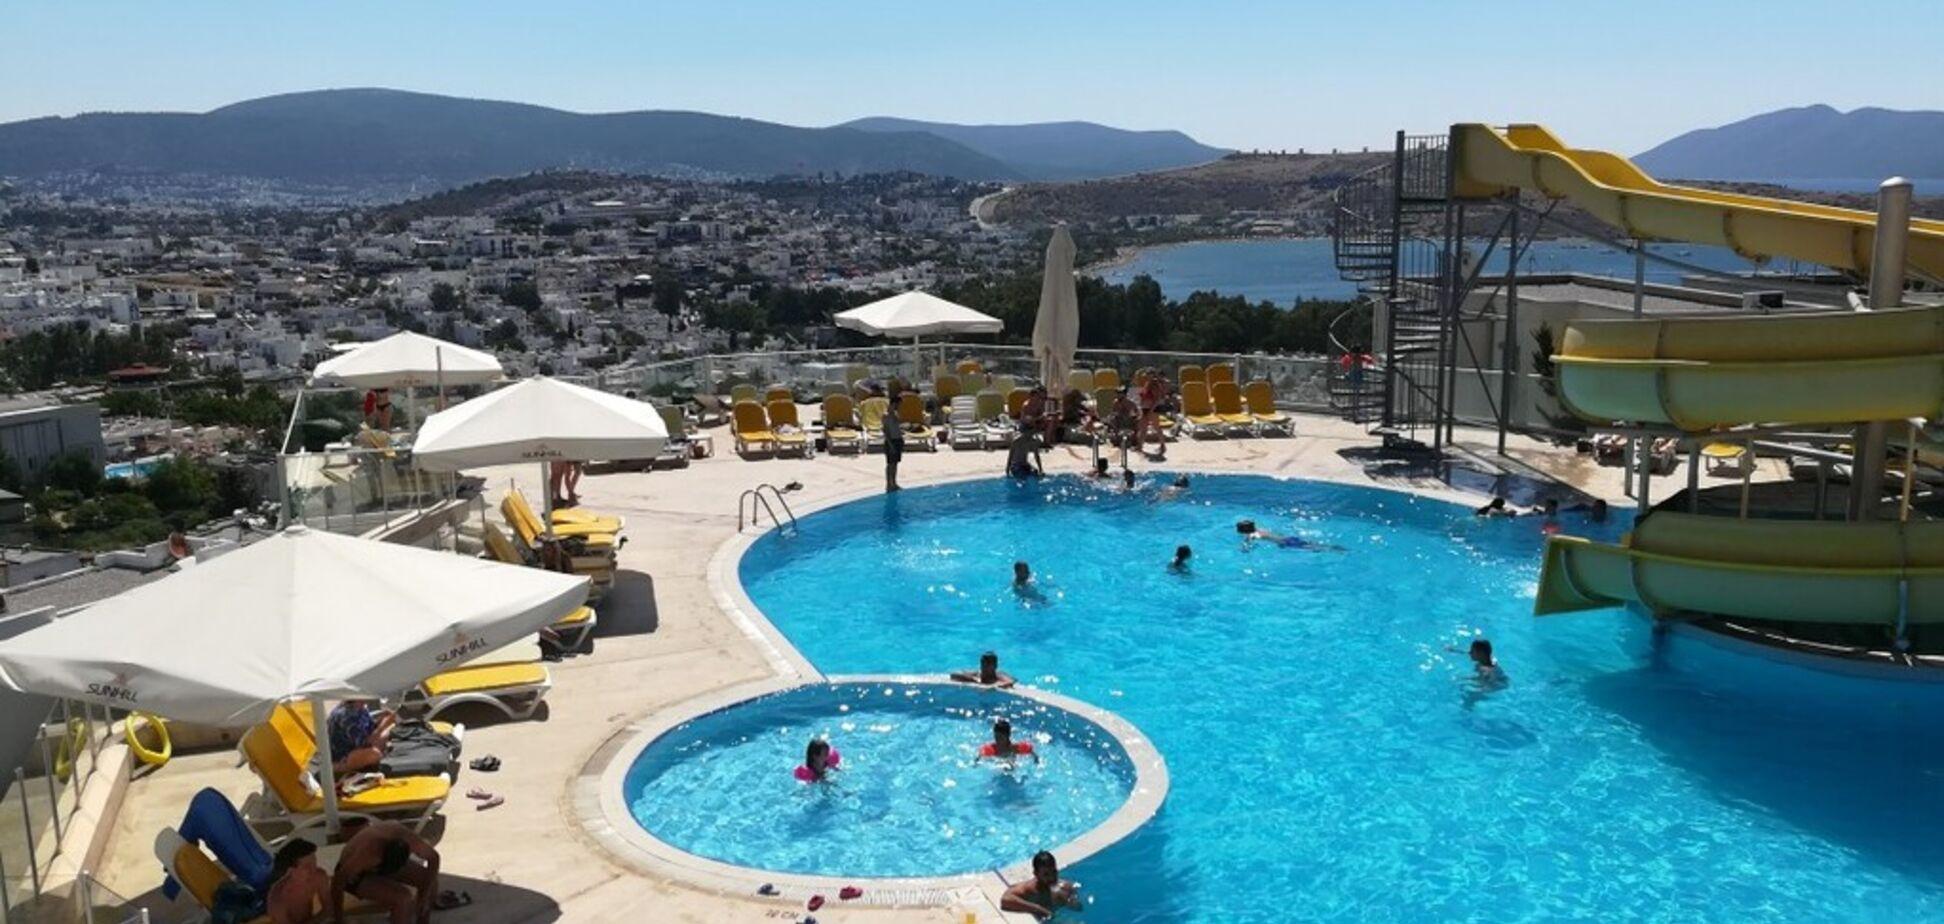 Жуткое ЧП с ребенком на курорте в Турции: в сети рассказали всю правду об отеле